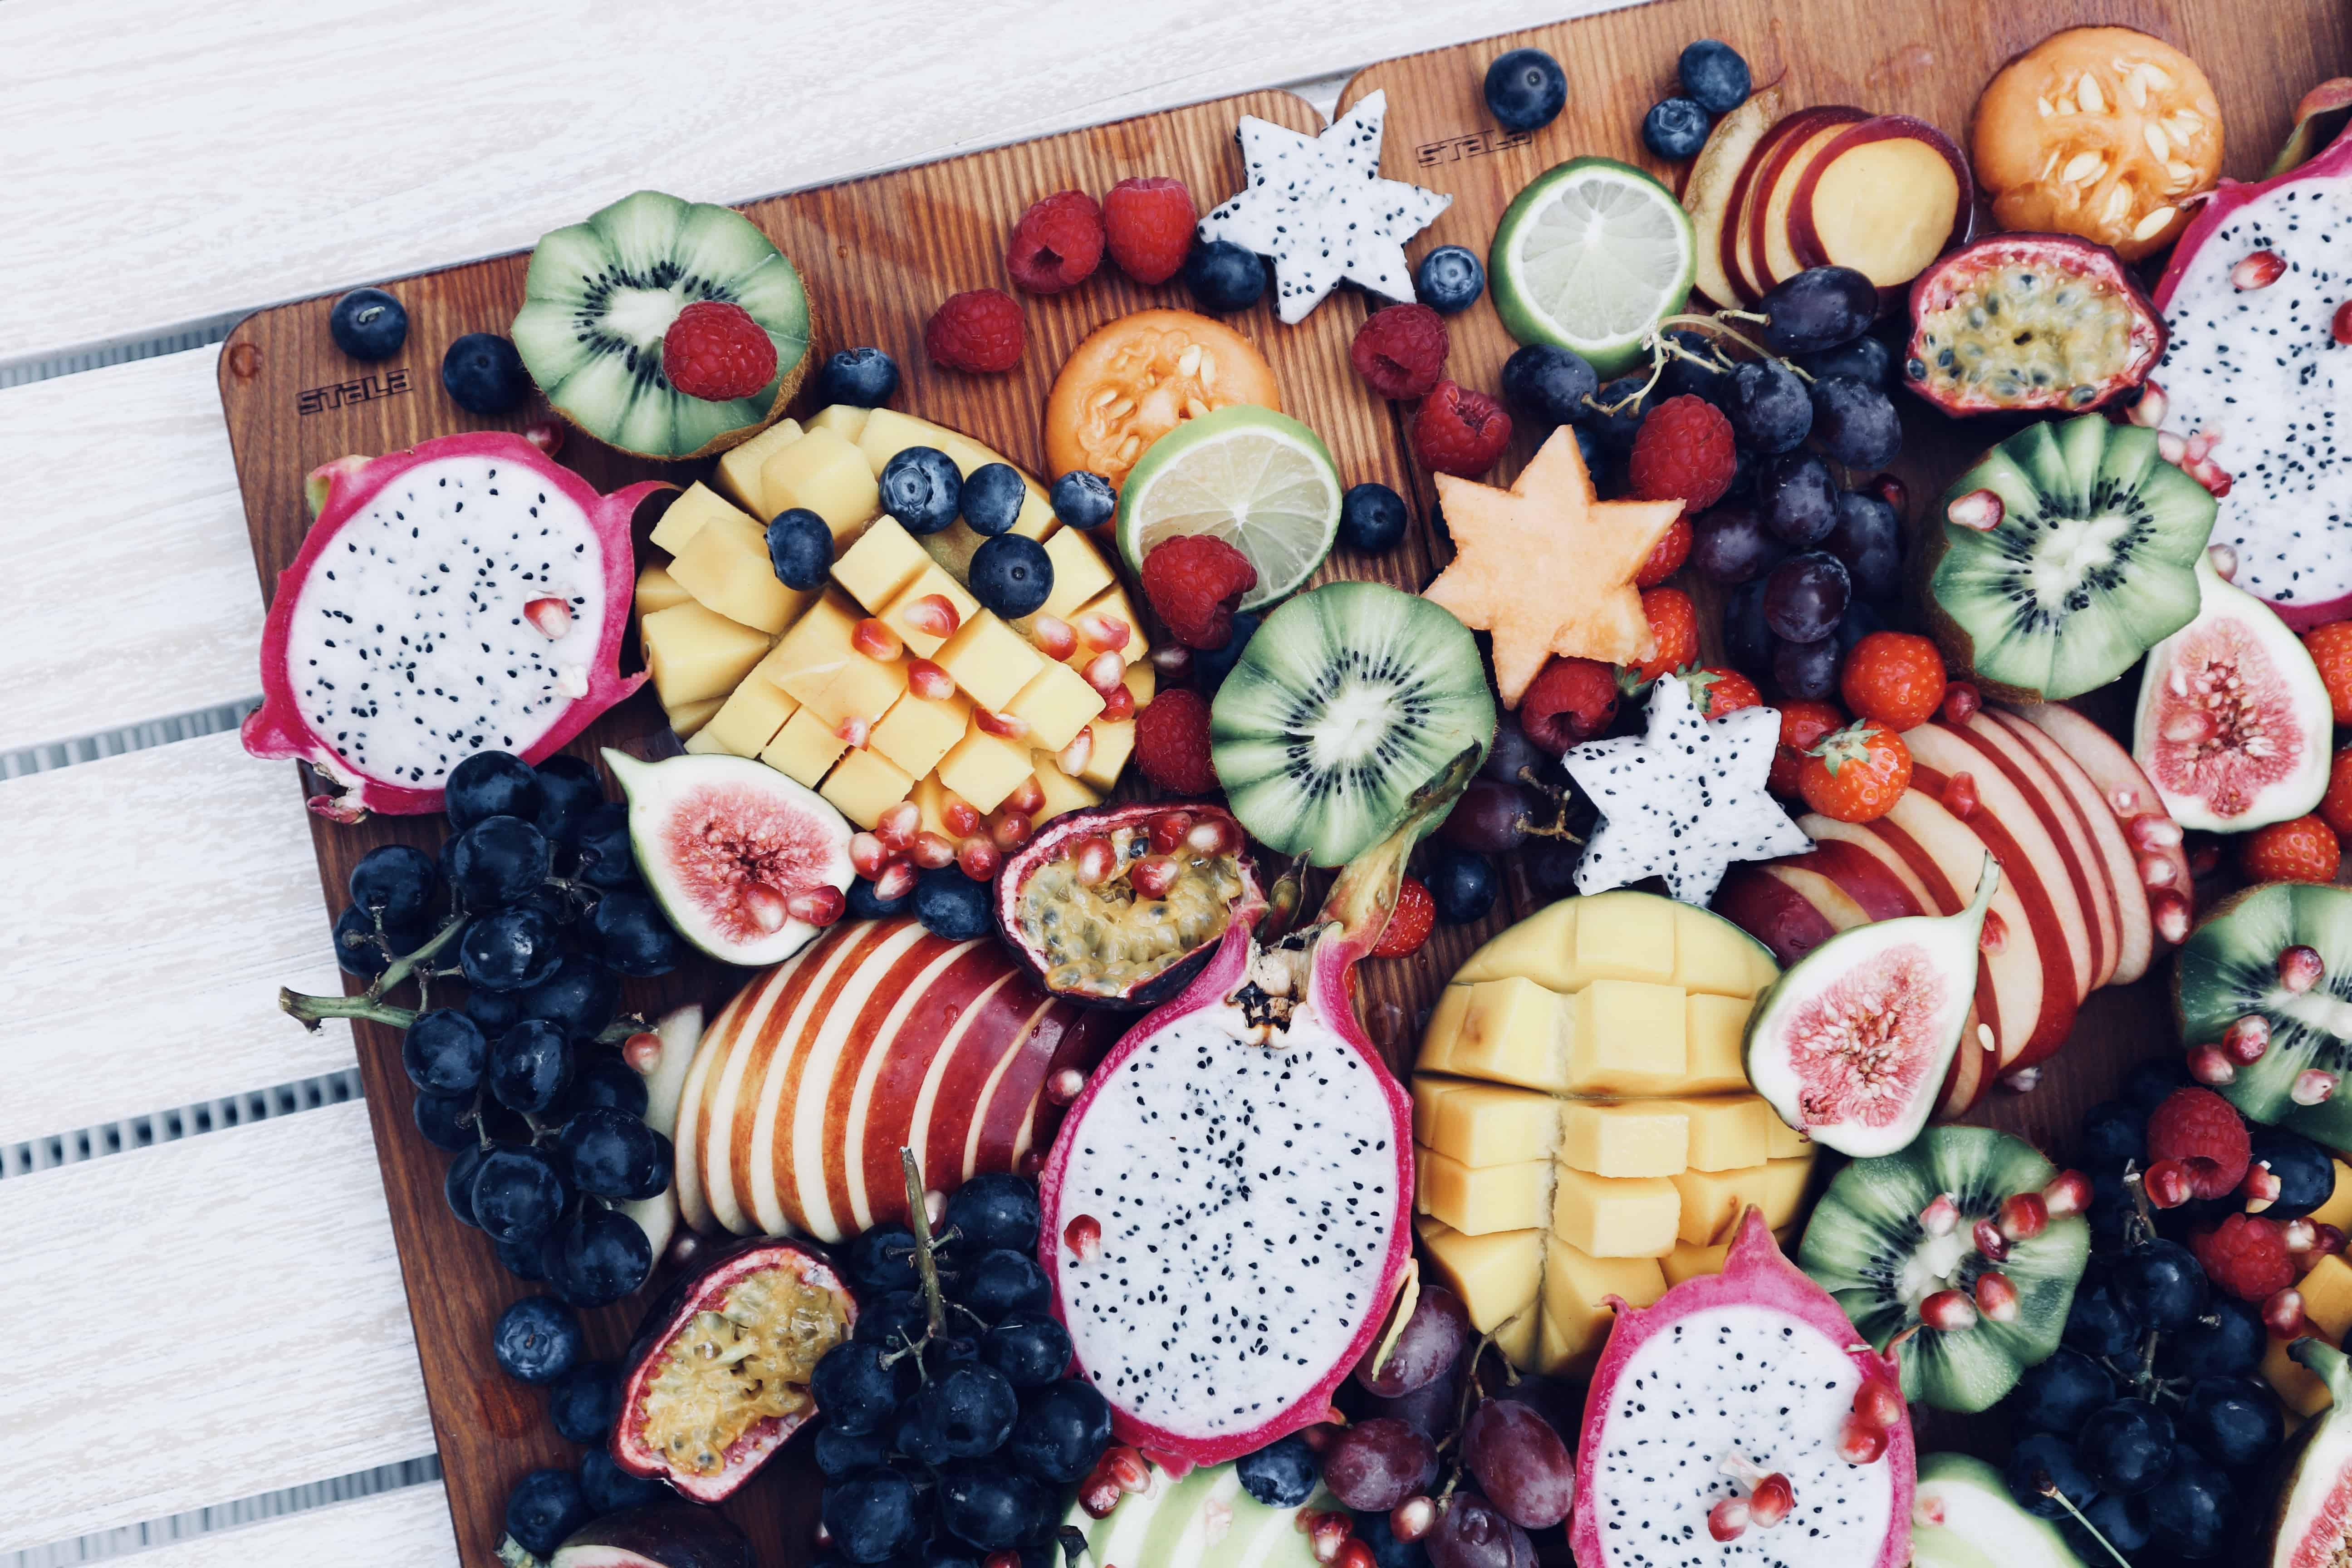 Svalka och överraska barnen med fruktbonanza i sommar